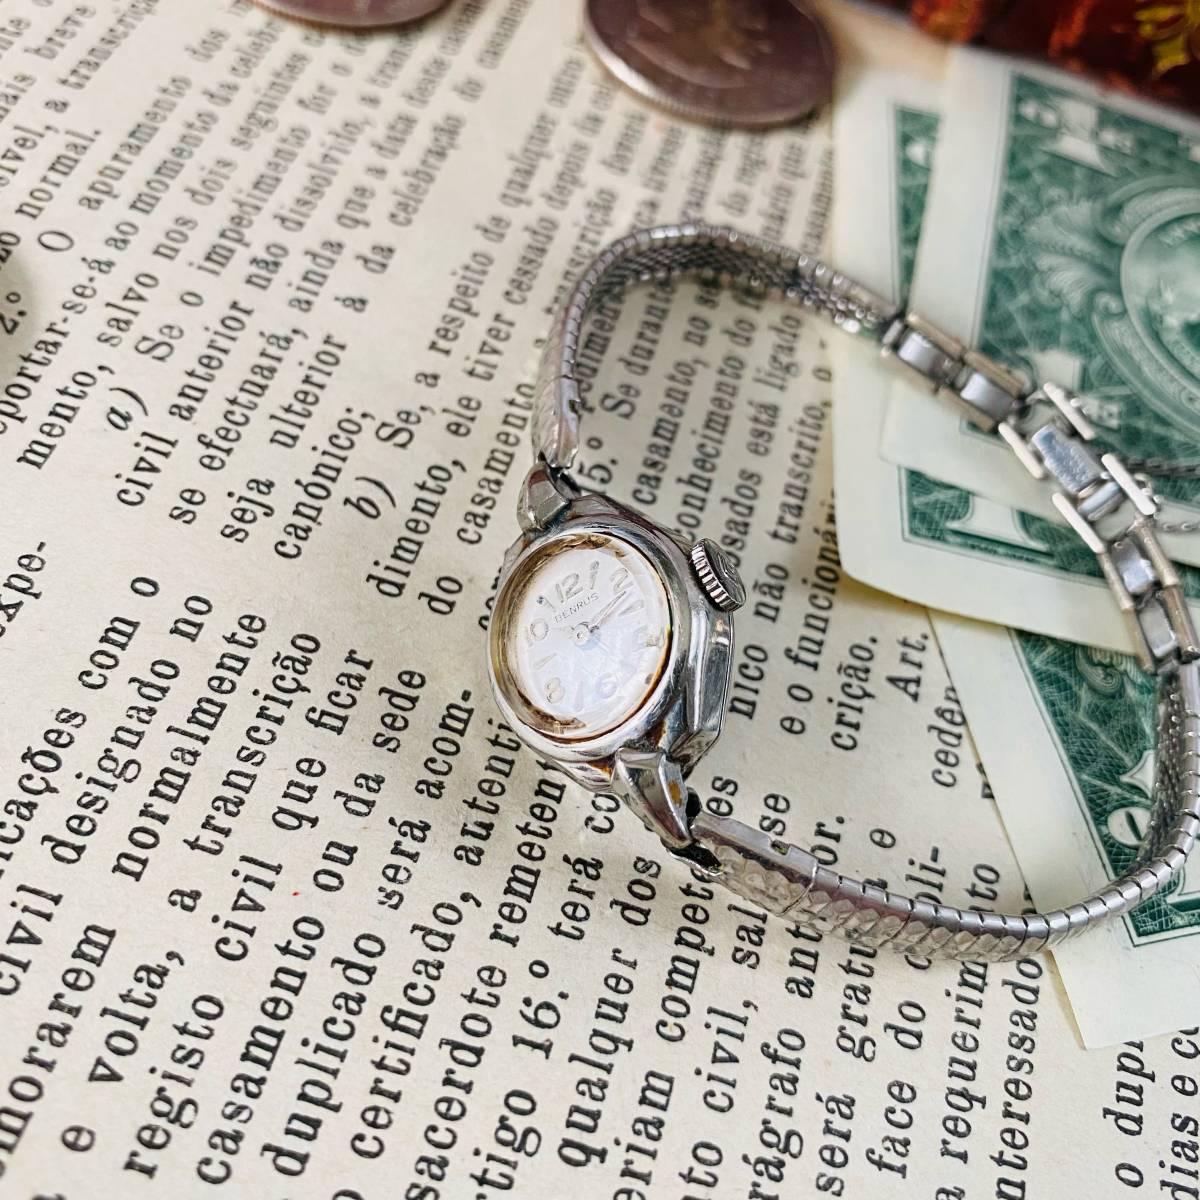 【高級腕時計 ベンラス 】Benrus 10KRGP 手巻き 17石 手巻き メンズ レディース ビンテージ アナログ 腕時計 7026_画像4